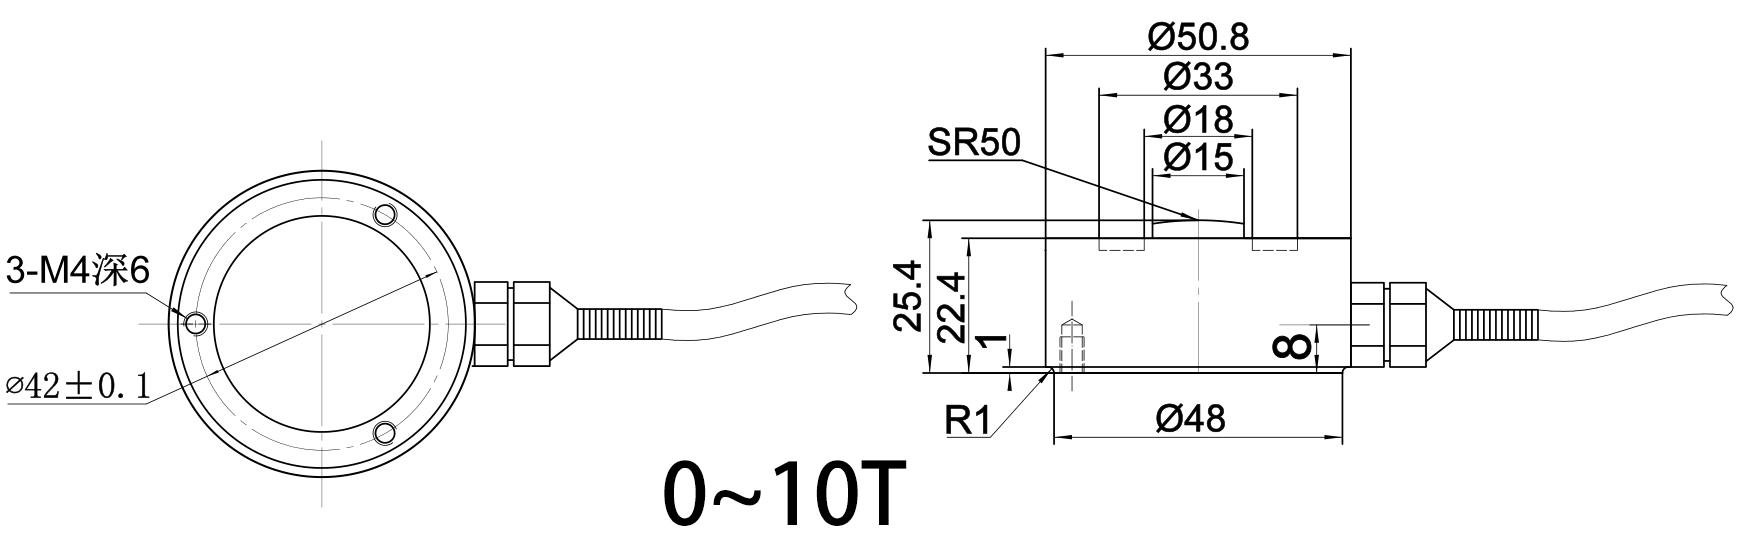 LLLBM尺寸图10t